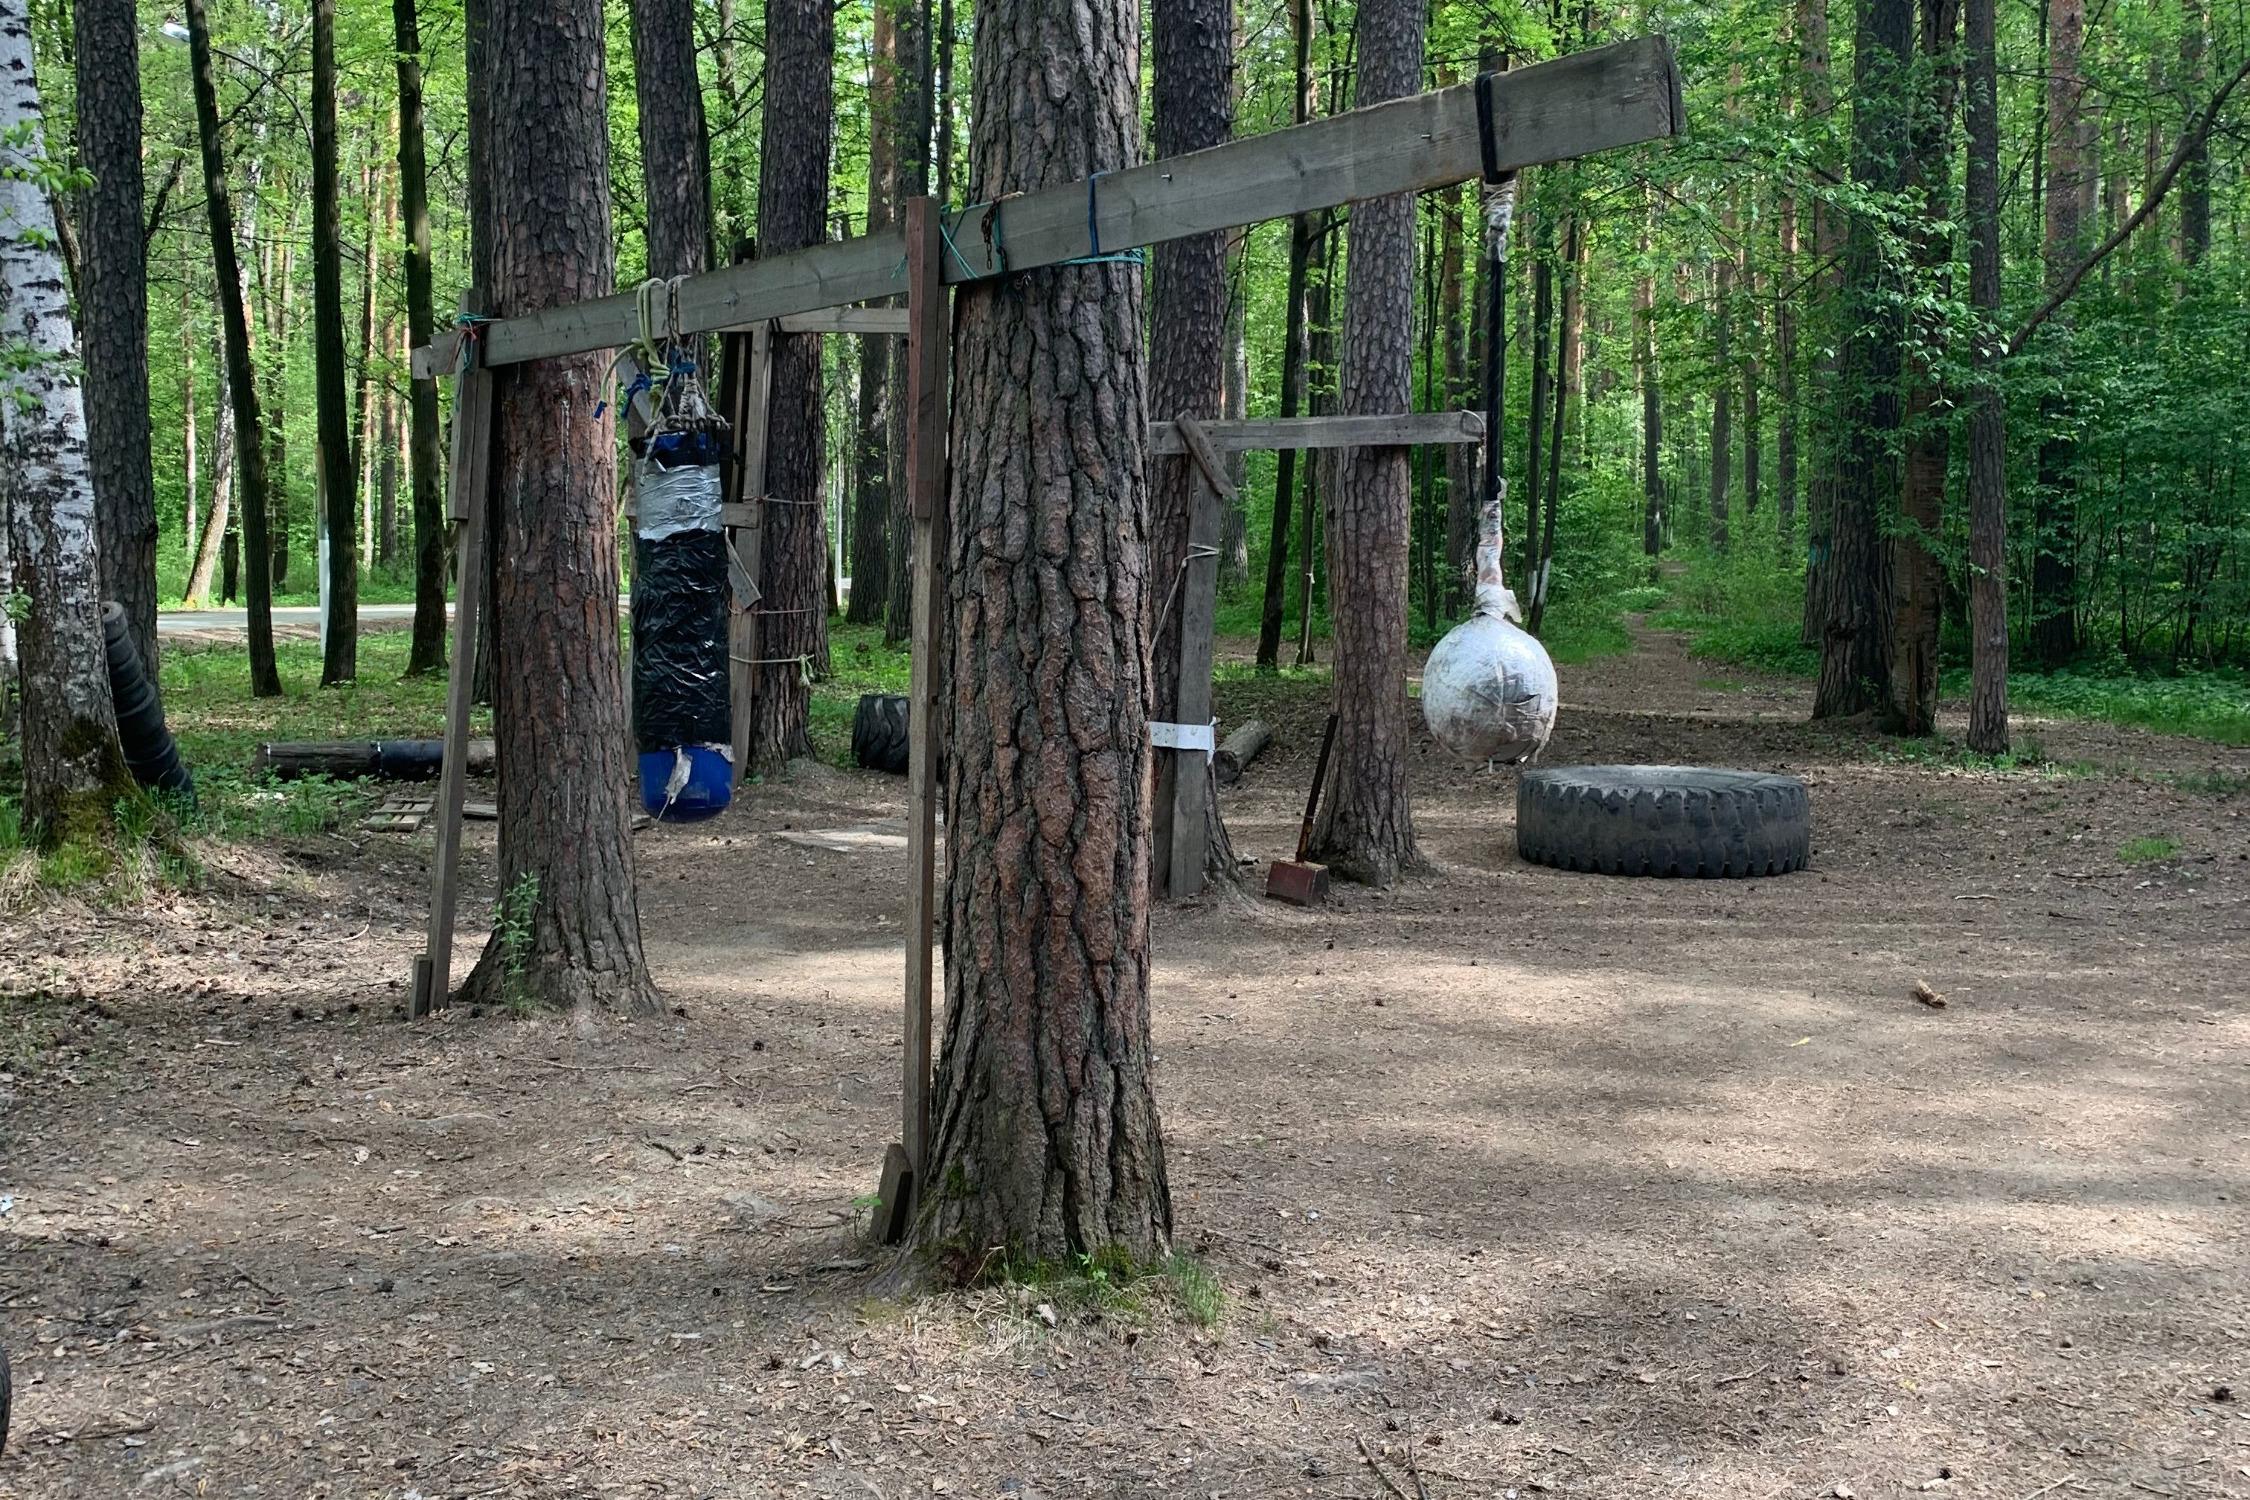 Роль тренажеров исполняют деревья